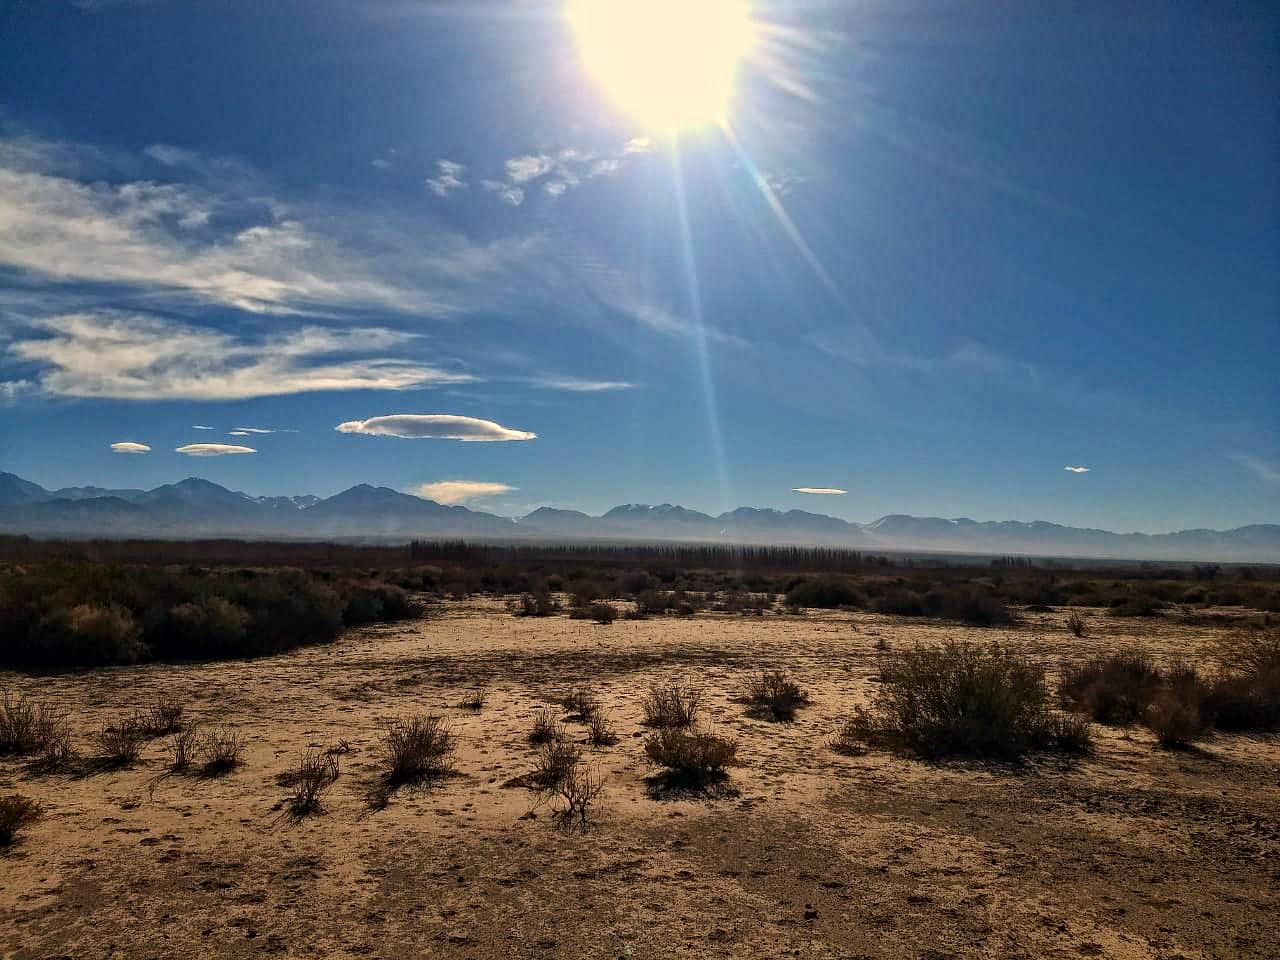 Sitio elegido para la observación pública del eclipse total de Sol del 2 de julio de 2019. El mismo se encuentra ubicado sobre ruta 412, al sur de la localidad de Bella Vista.